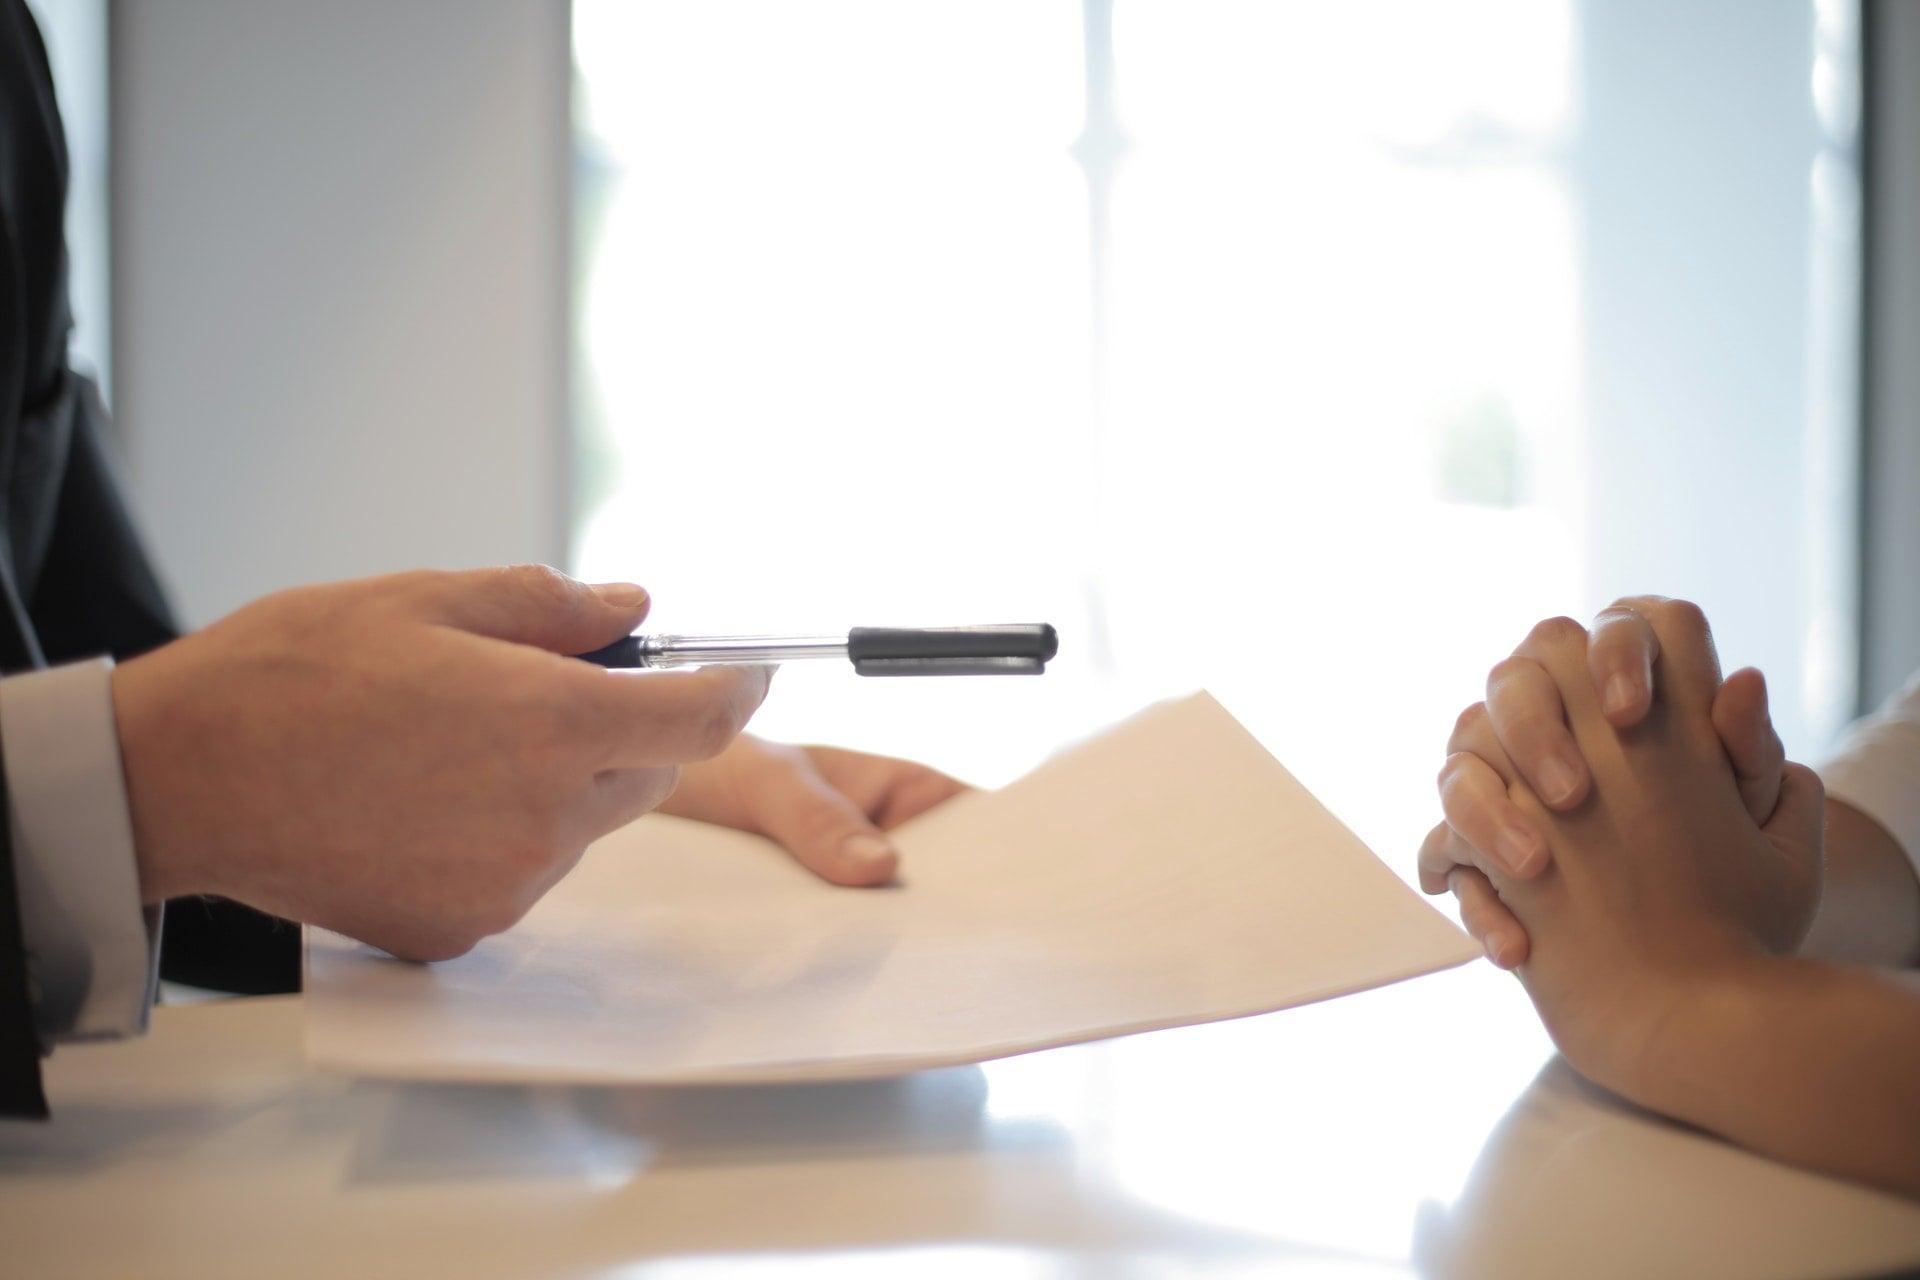 Forhandlinger på arbejdspladsen: Sådan kan du stille dig selv bedre